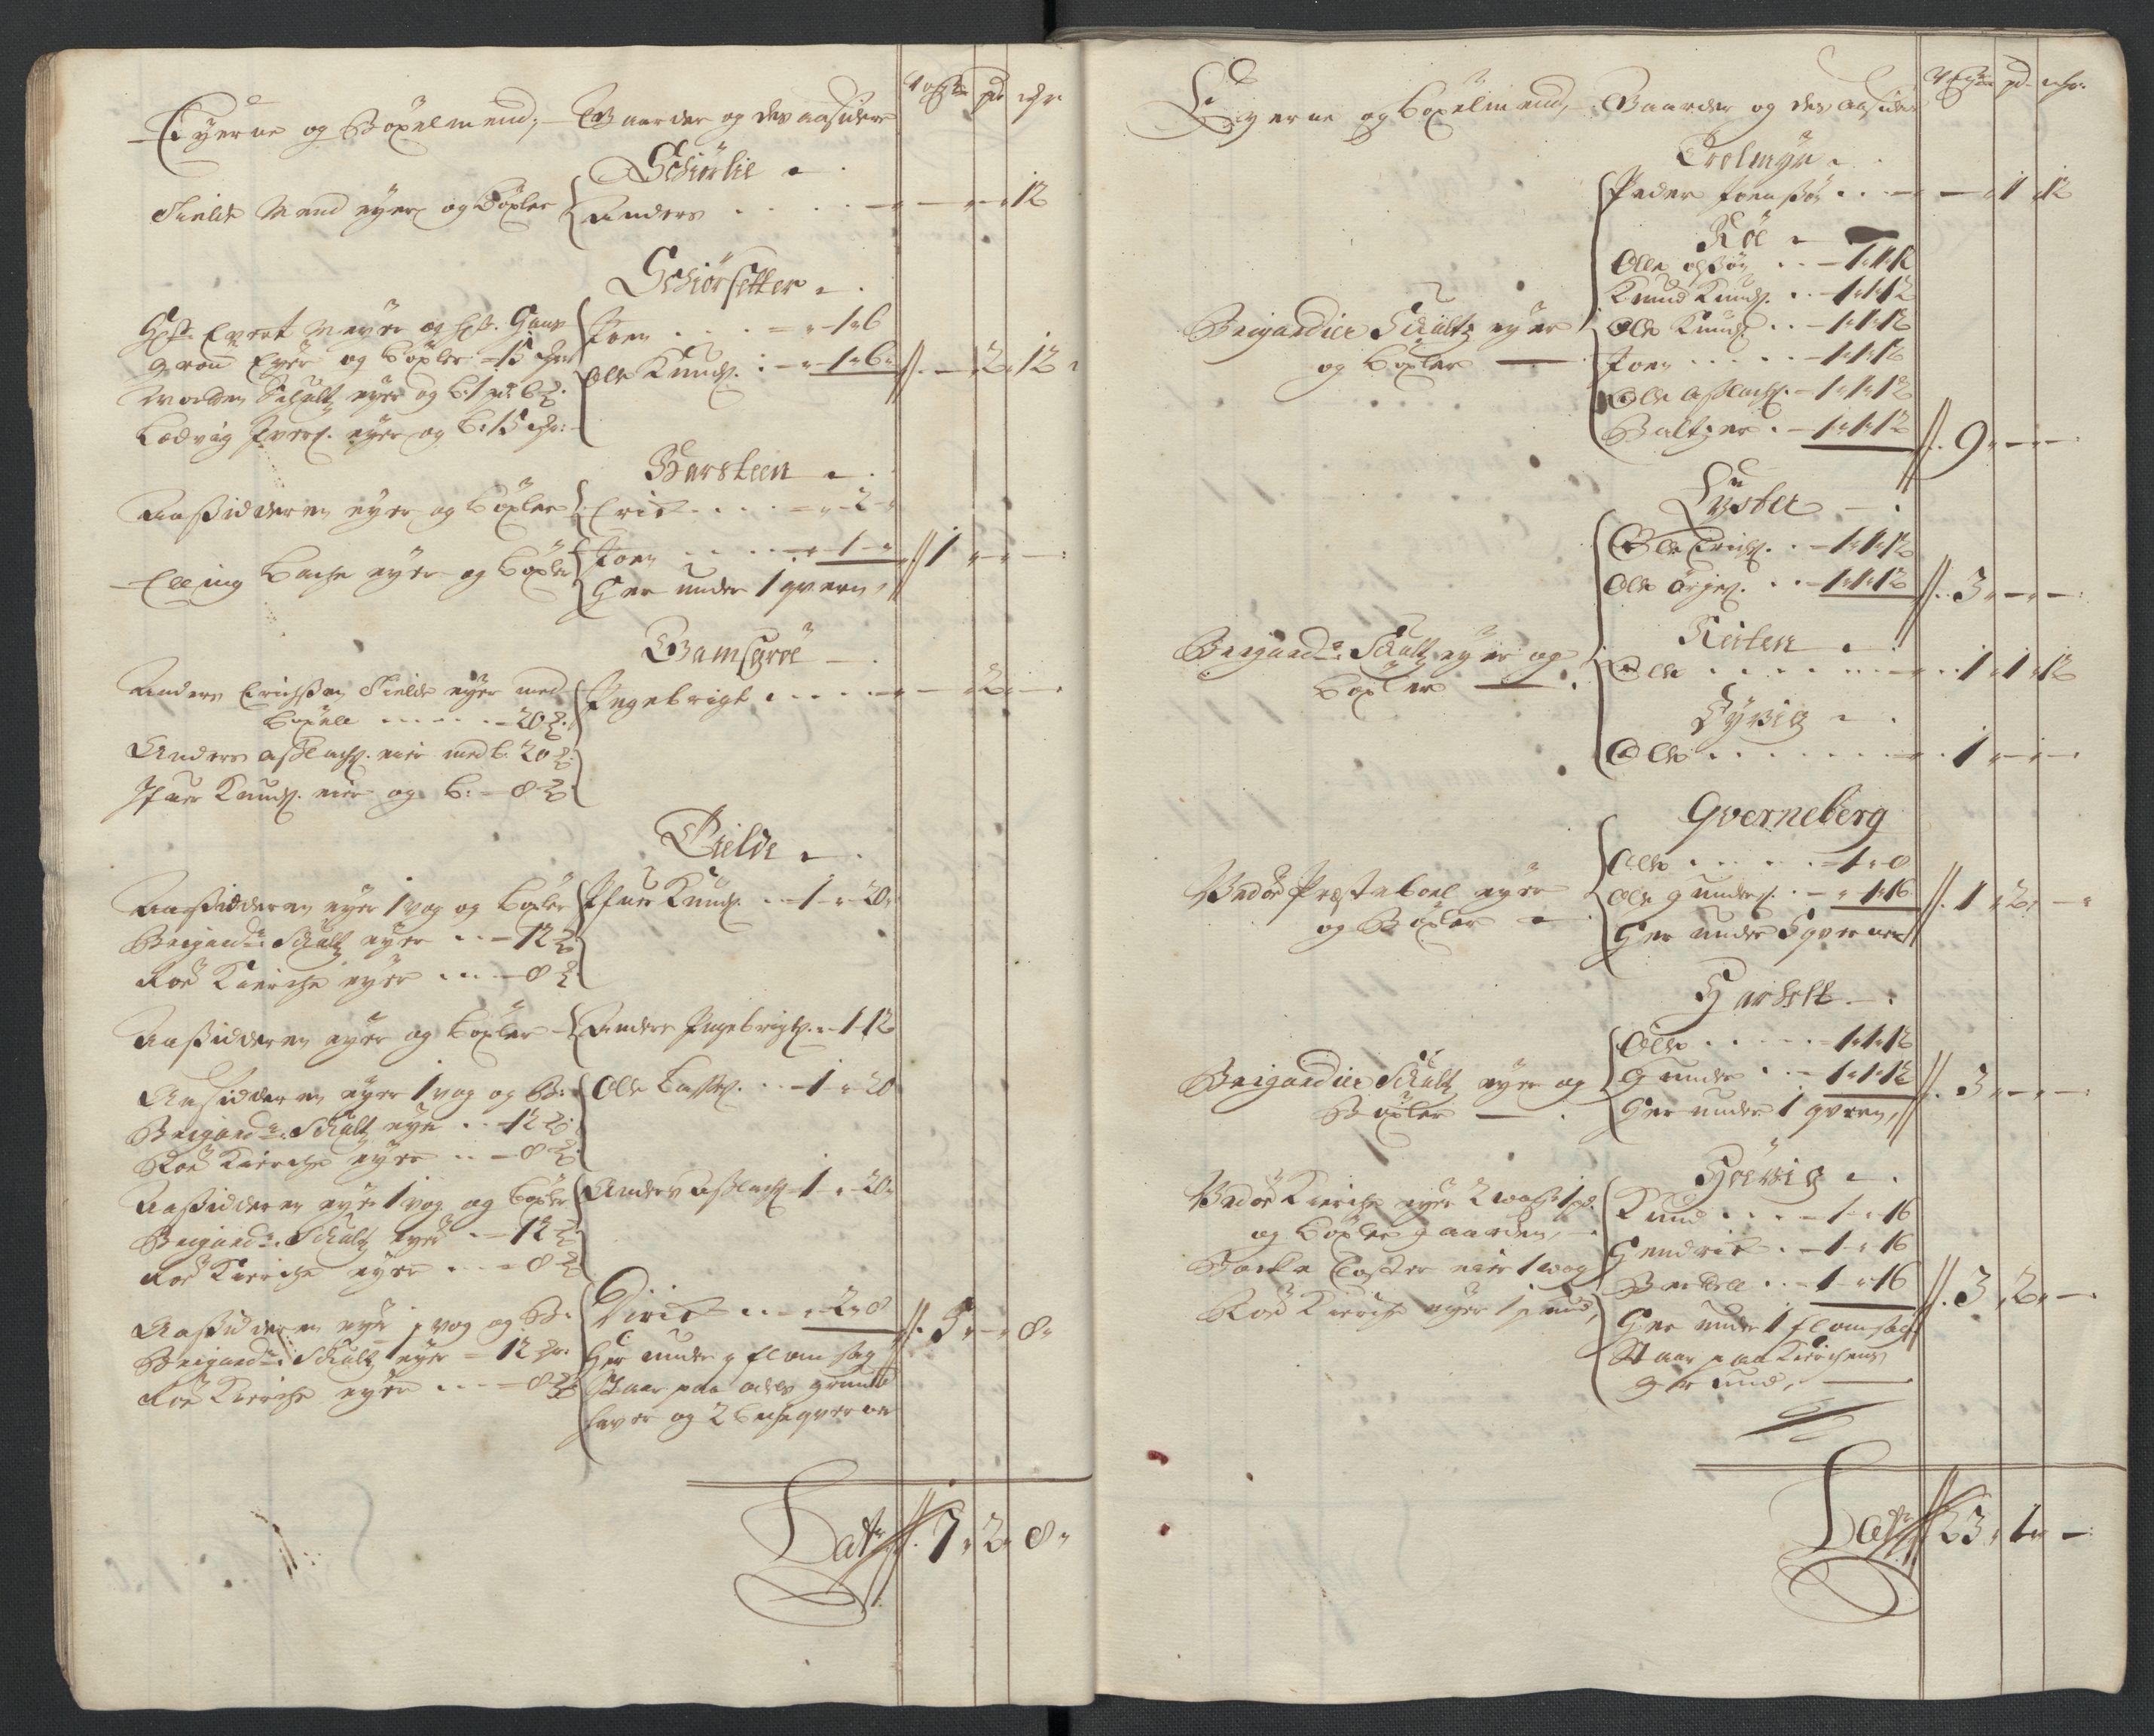 RA, Rentekammeret inntil 1814, Reviderte regnskaper, Fogderegnskap, R55/L3656: Fogderegnskap Romsdal, 1703-1705, s. 374